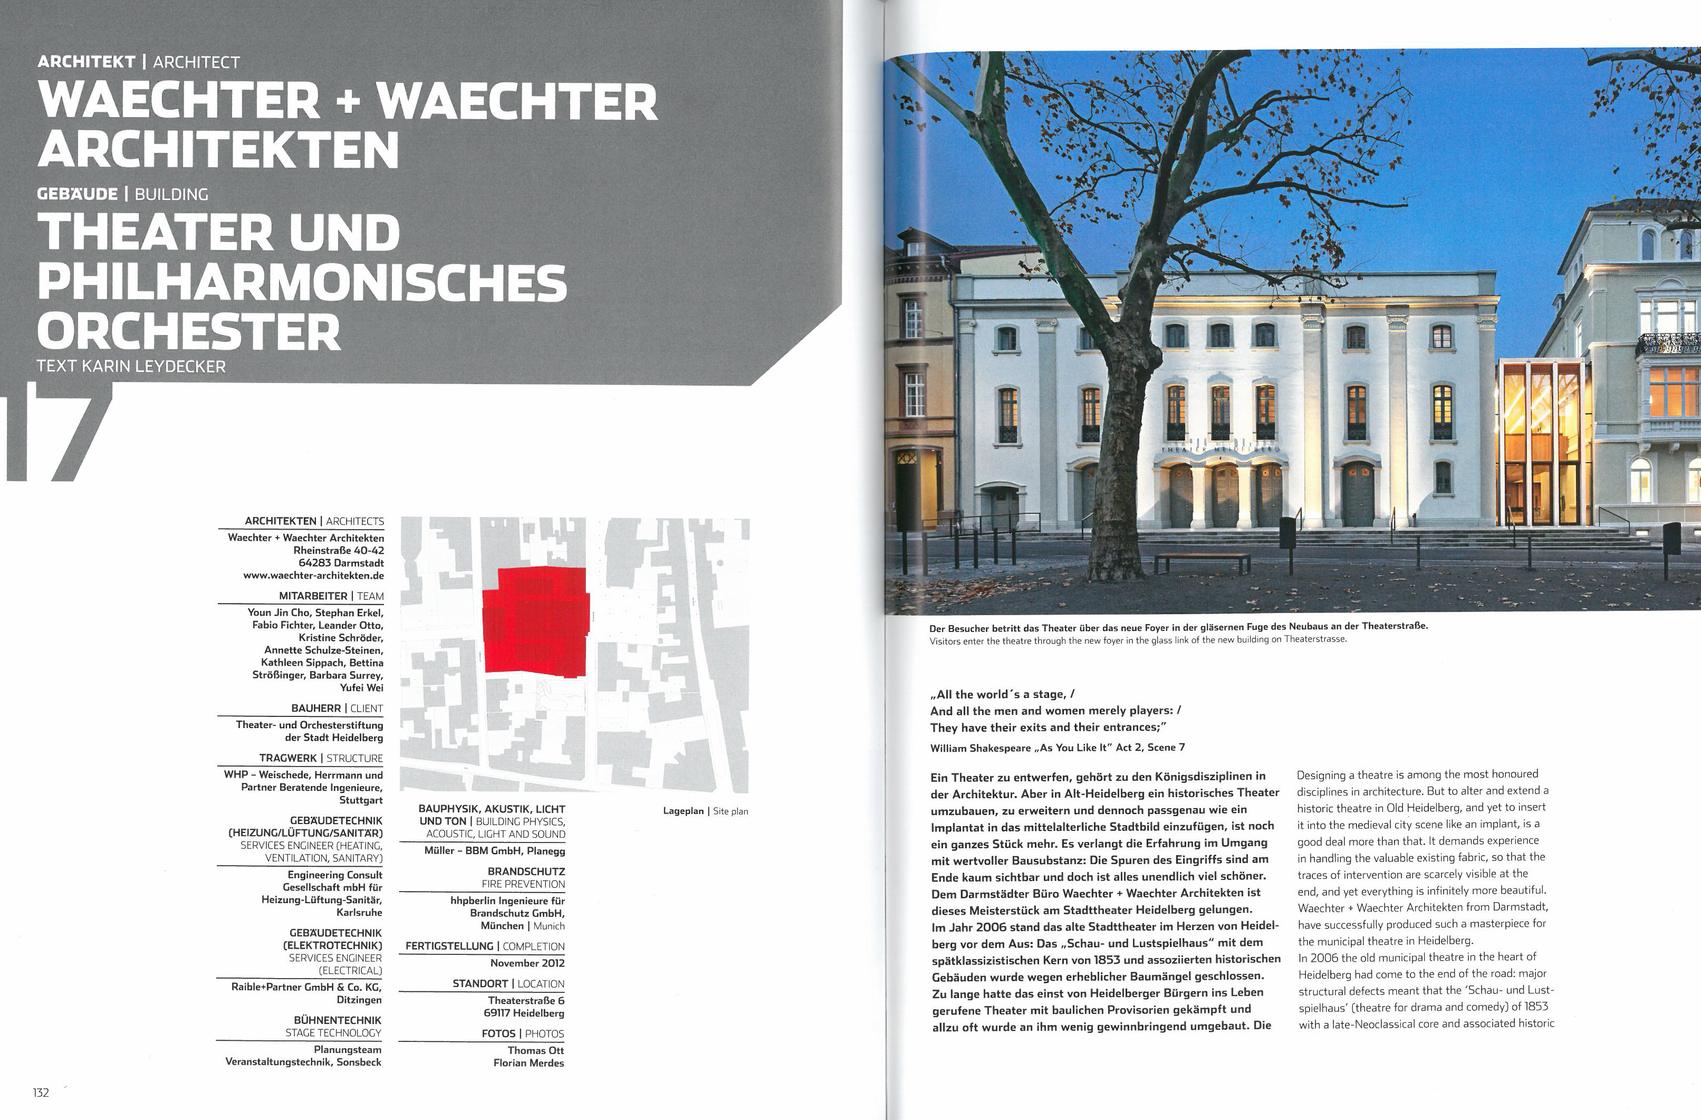 DAM Jahrbuch 2013/14 W+W Theater und Philharmonisches Orchester Heidelberg